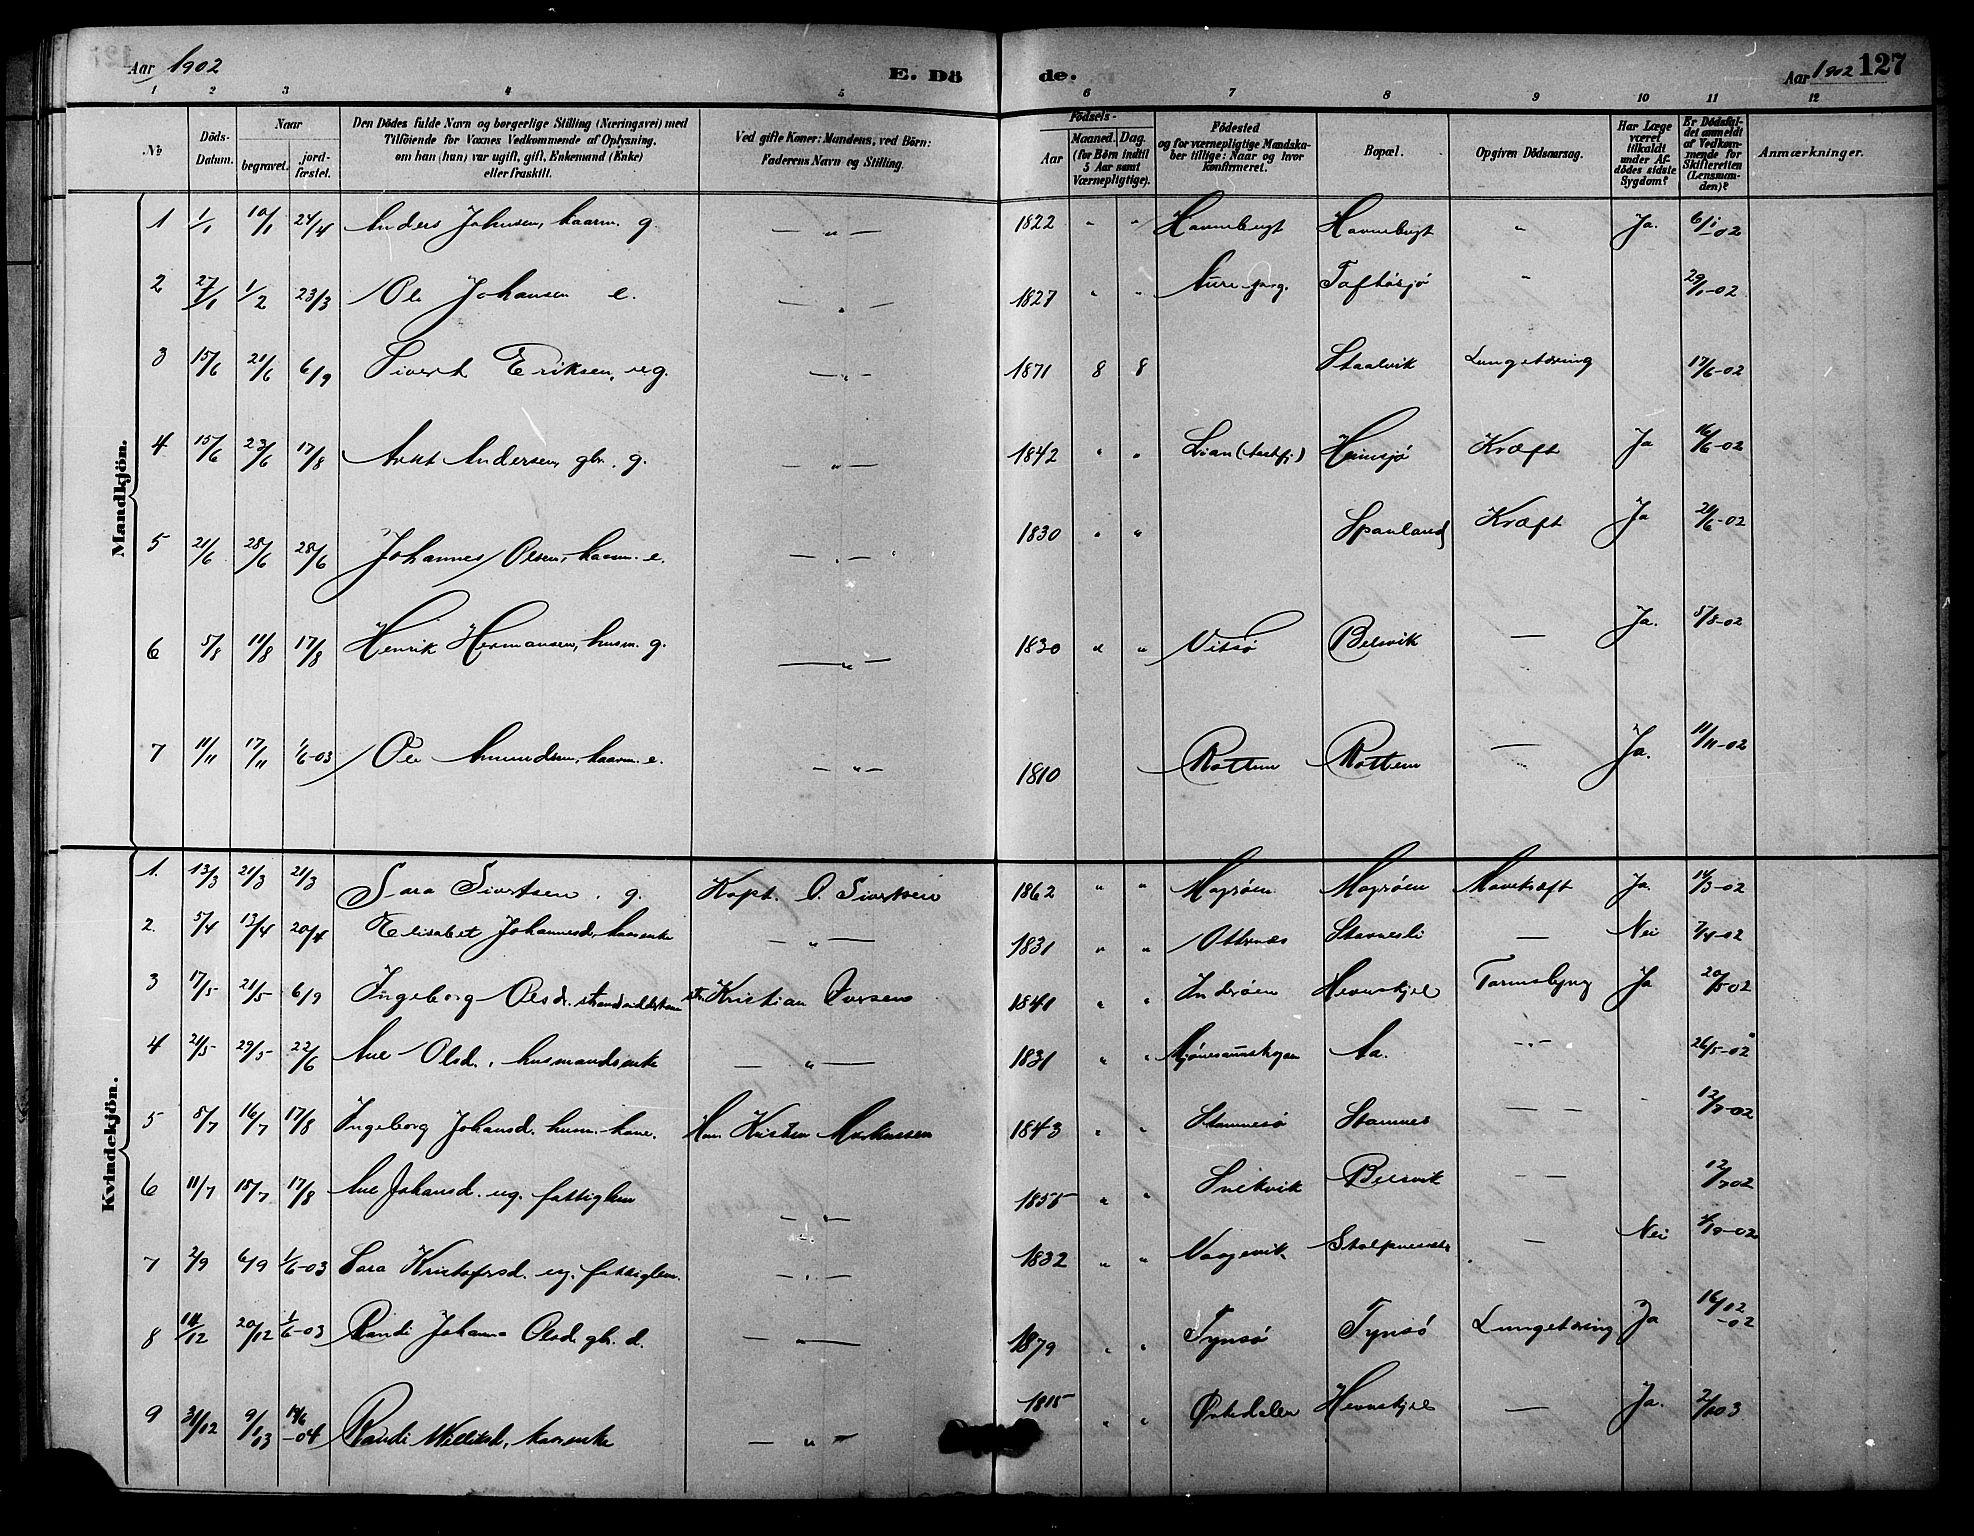 SAT, Ministerialprotokoller, klokkerbøker og fødselsregistre - Sør-Trøndelag, 633/L0519: Klokkerbok nr. 633C01, 1884-1905, s. 127